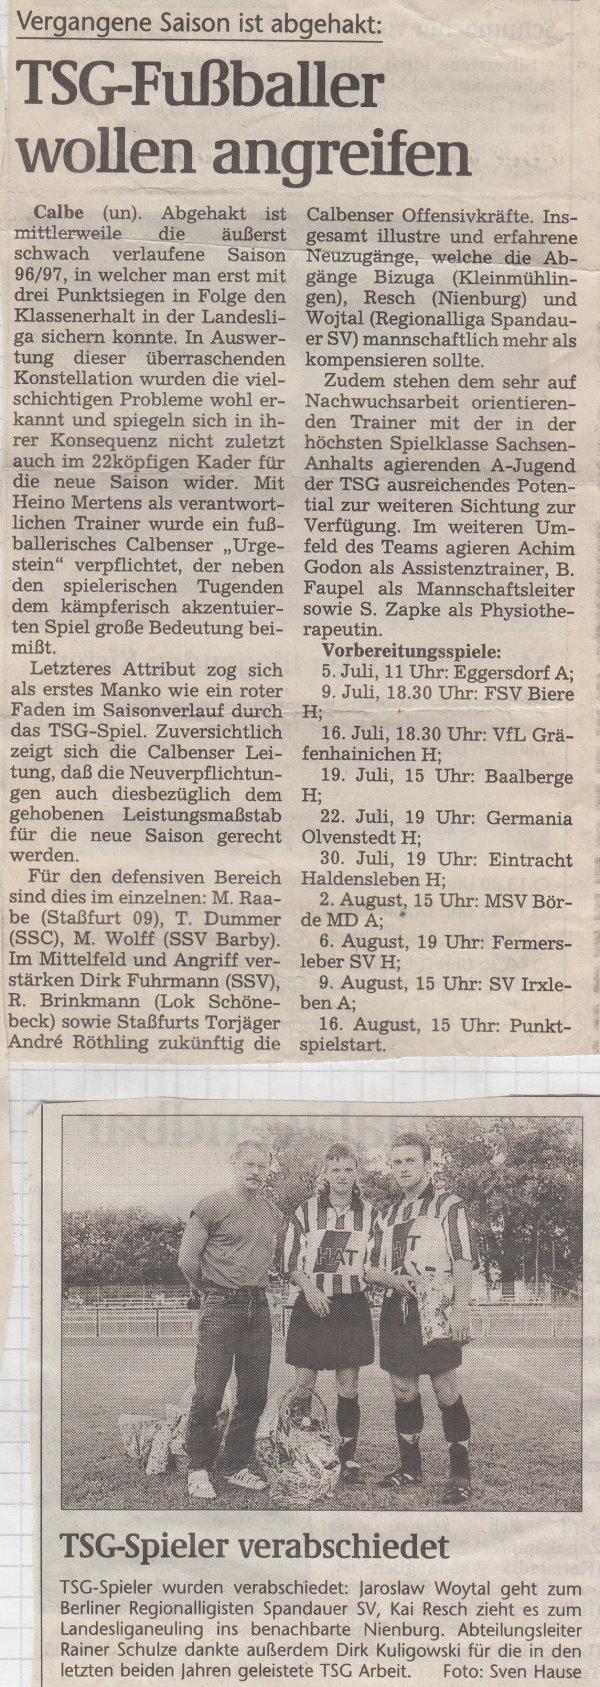 Rückblick auf die Saison 1996/1997 in der Landesliga Mitte.